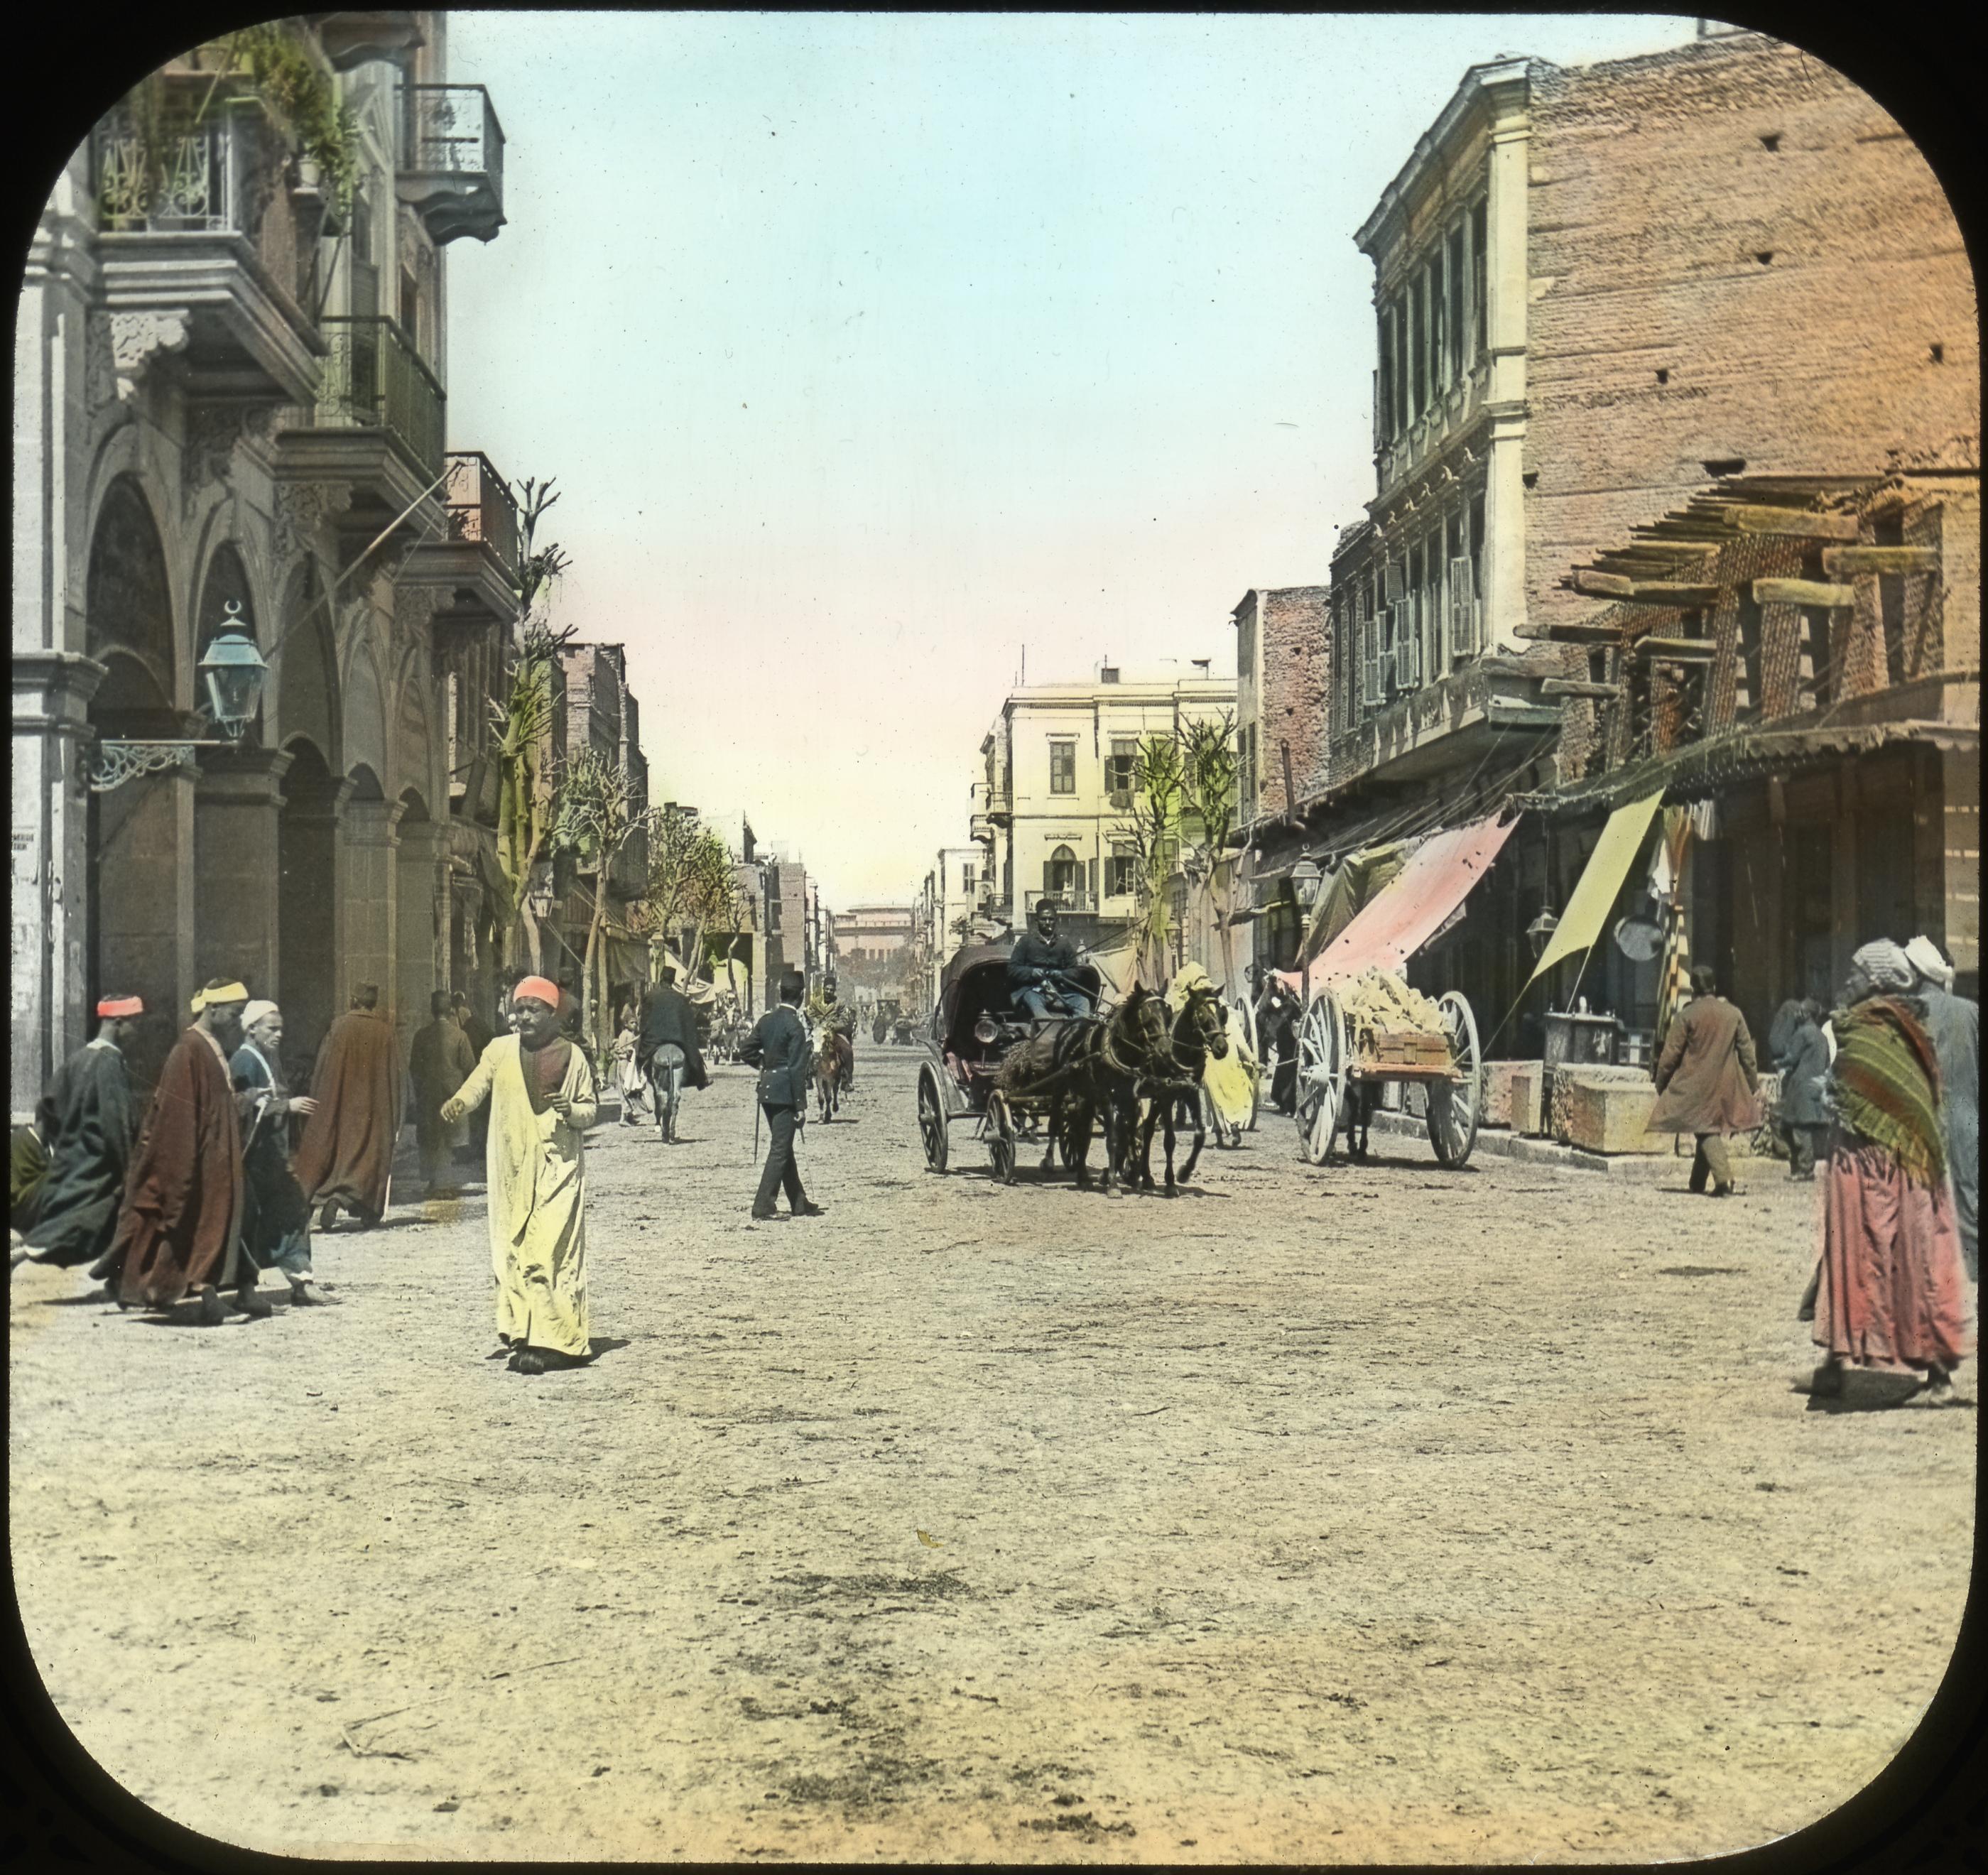 022 - Egypt - Street Scene, Cairo